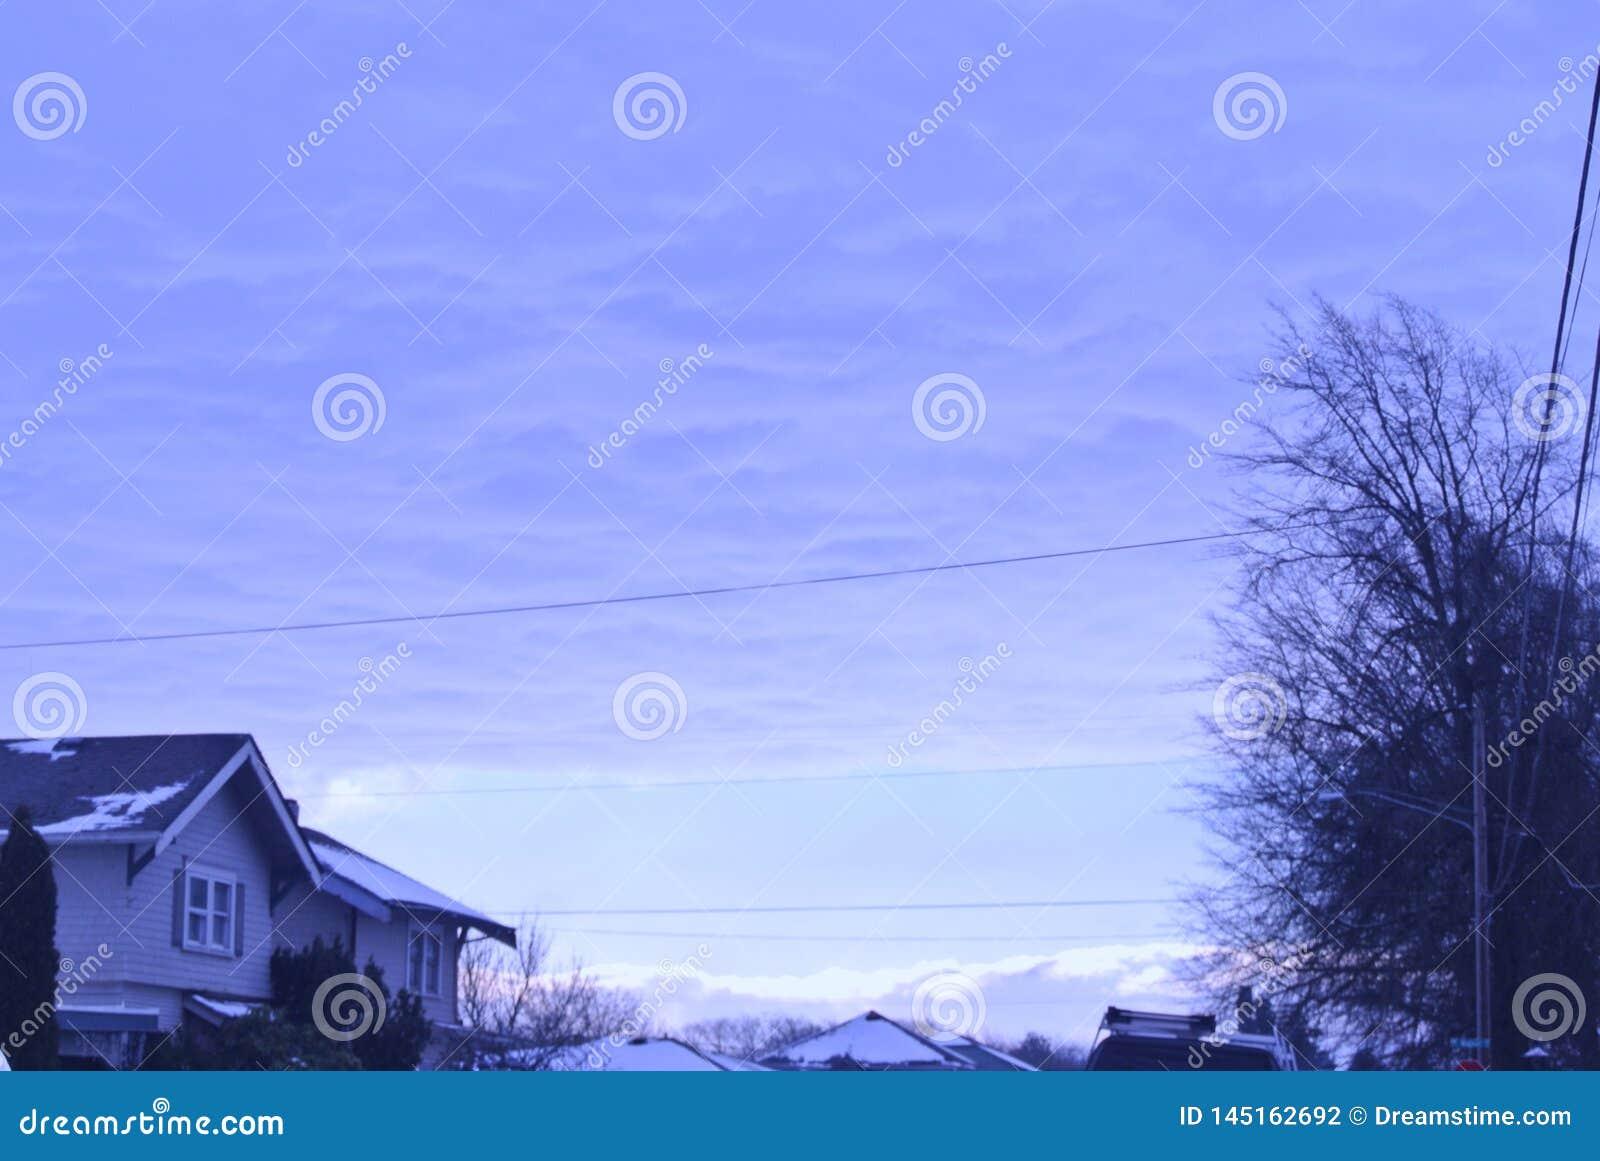 Schnee auf dem Himmel